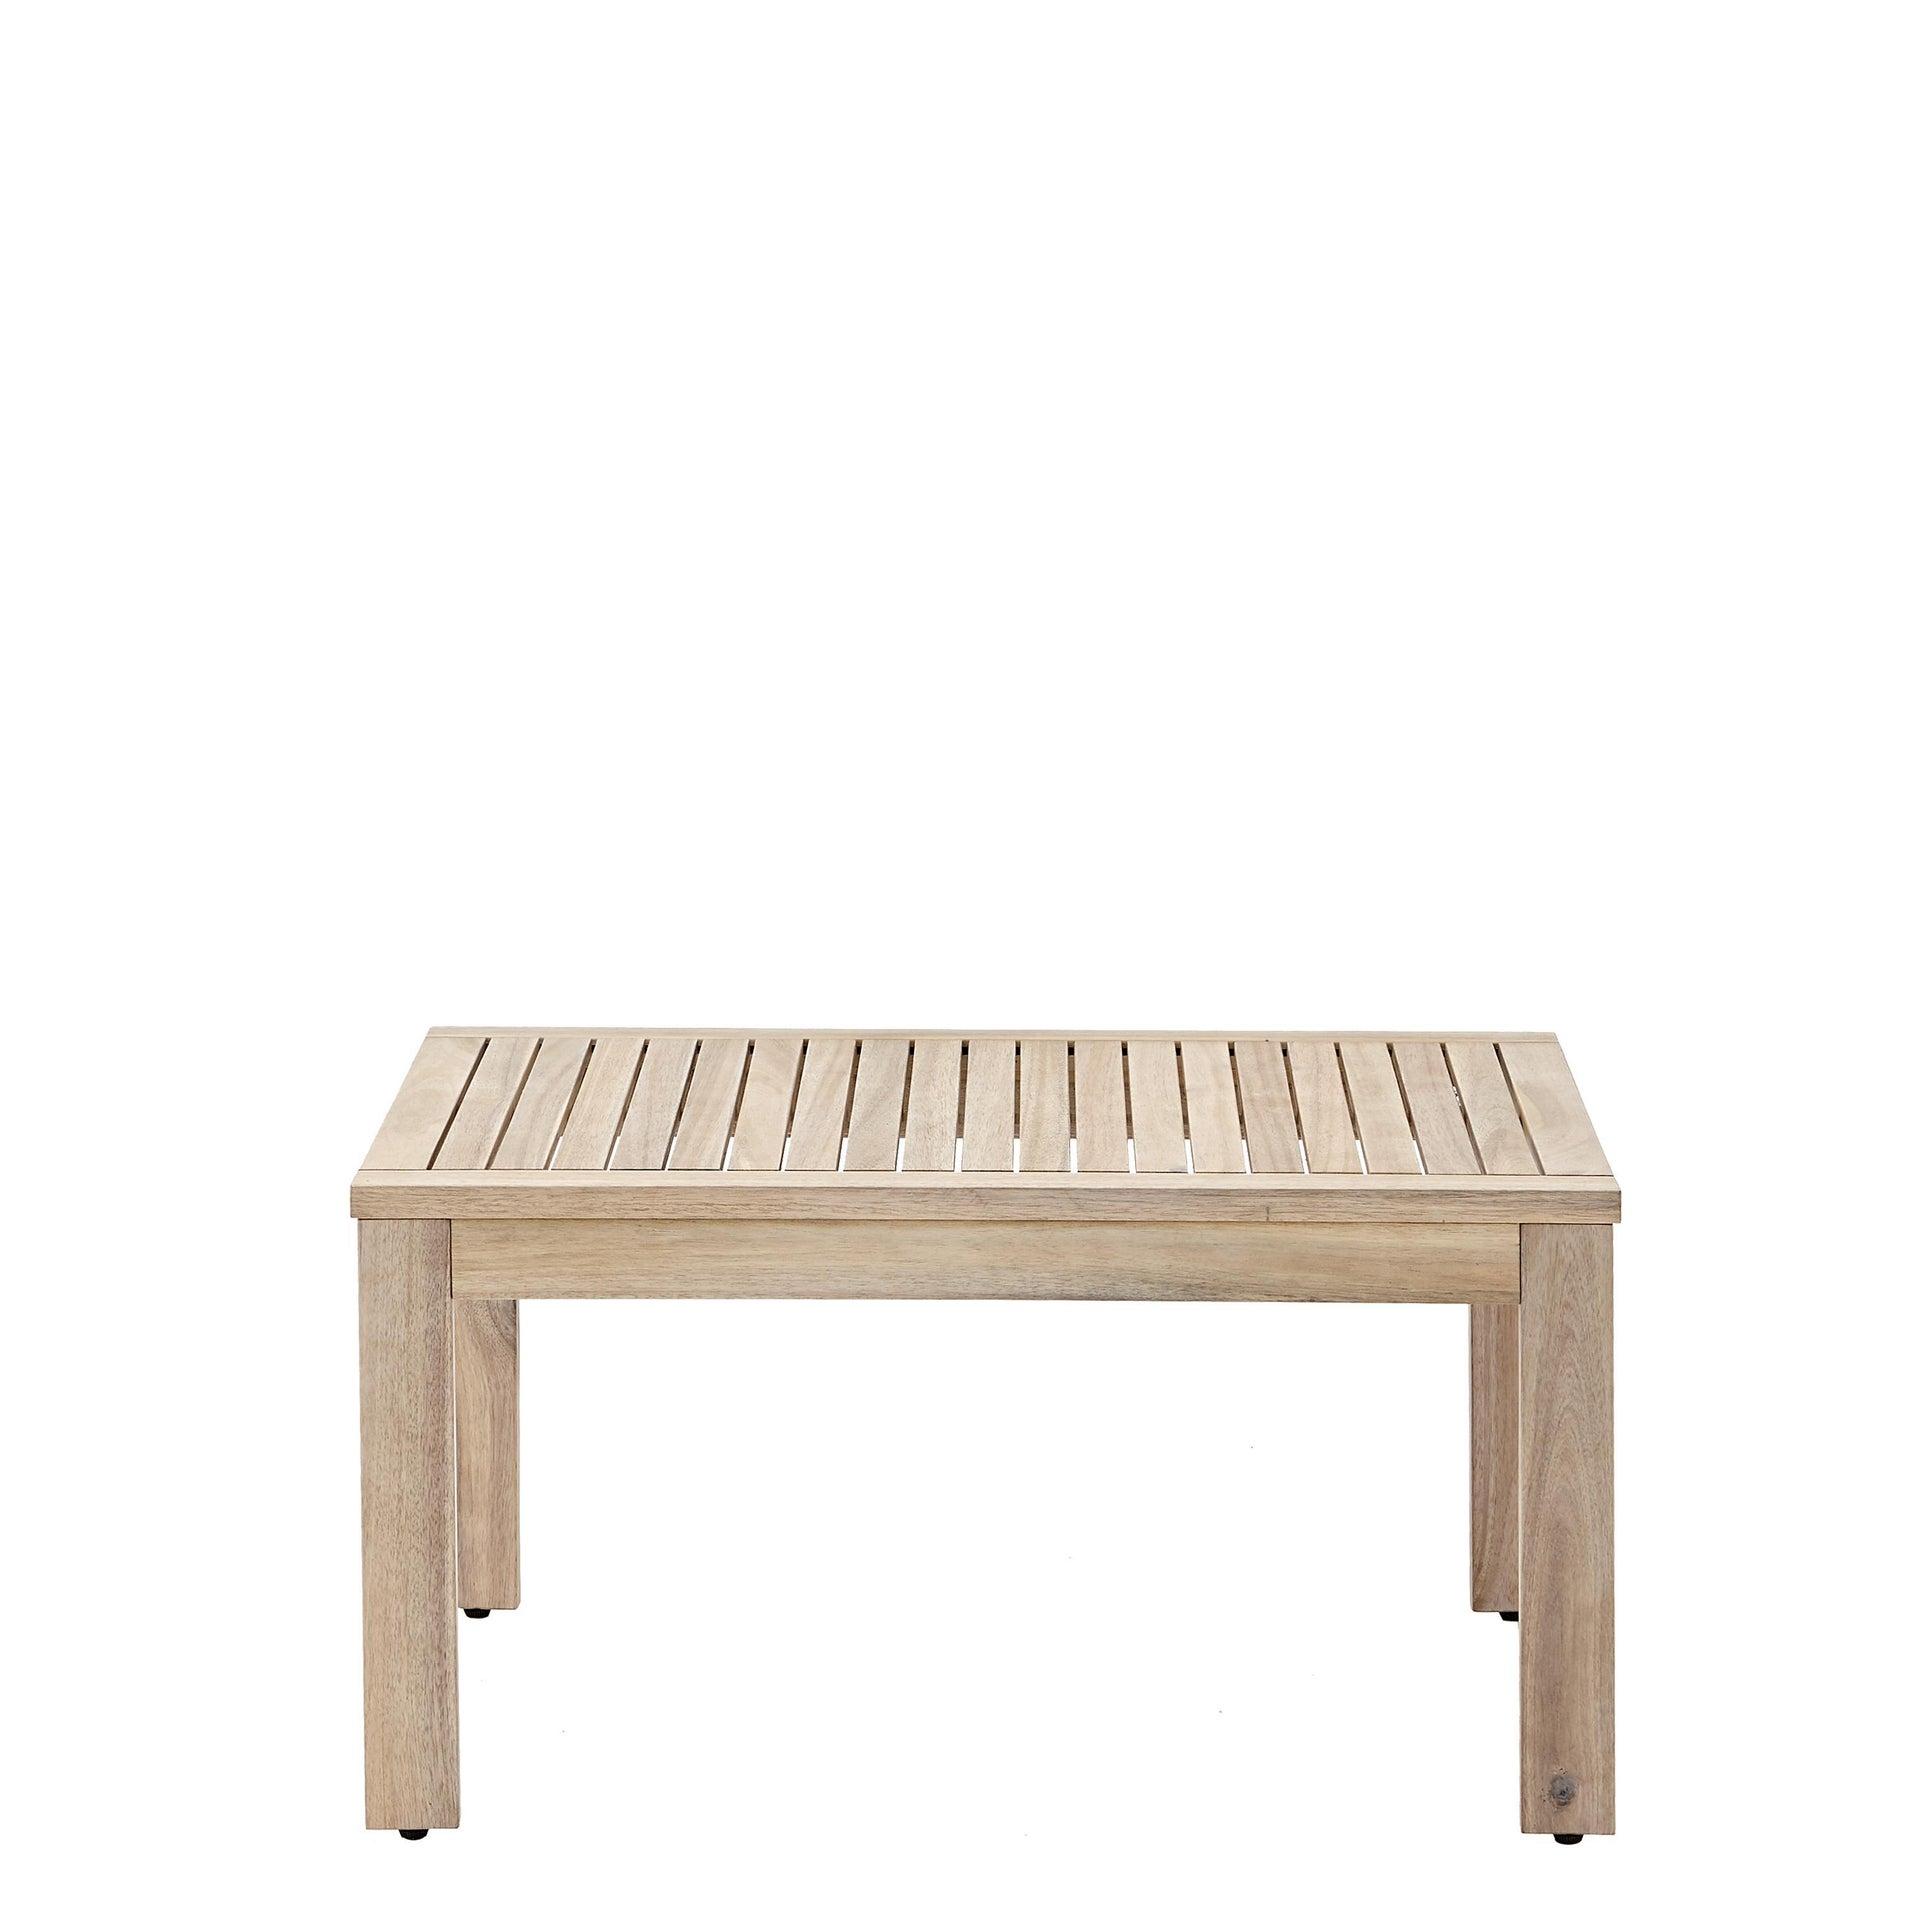 Coffee set rivestito in legno NATERIAL Solis per 4 persone - 19